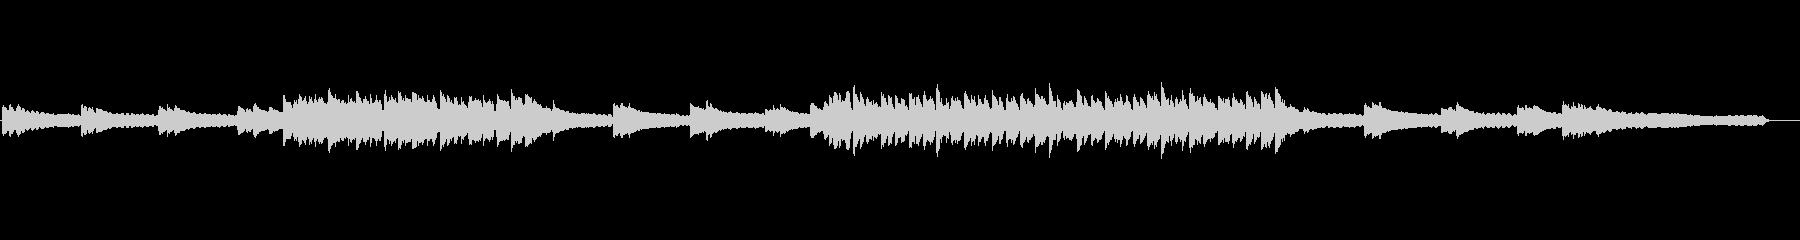 シックでおしゃれなピアノメロディーの未再生の波形